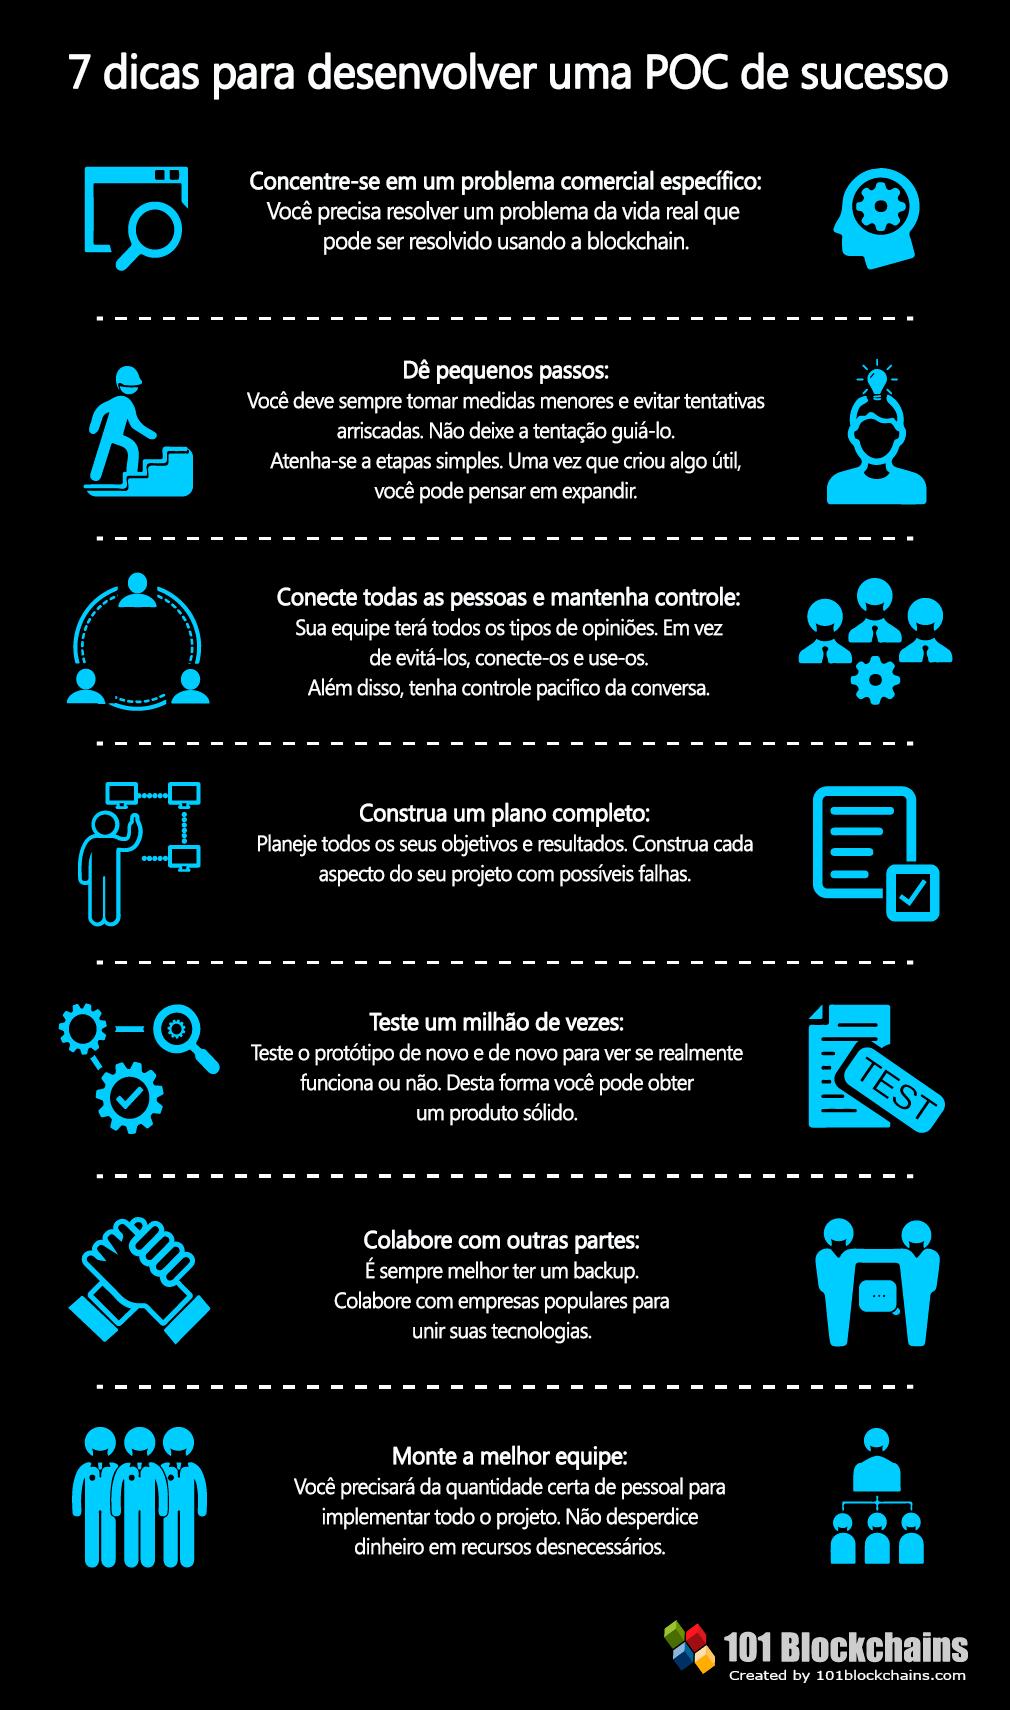 7 dicas para desenvolver uma POC de sucesso